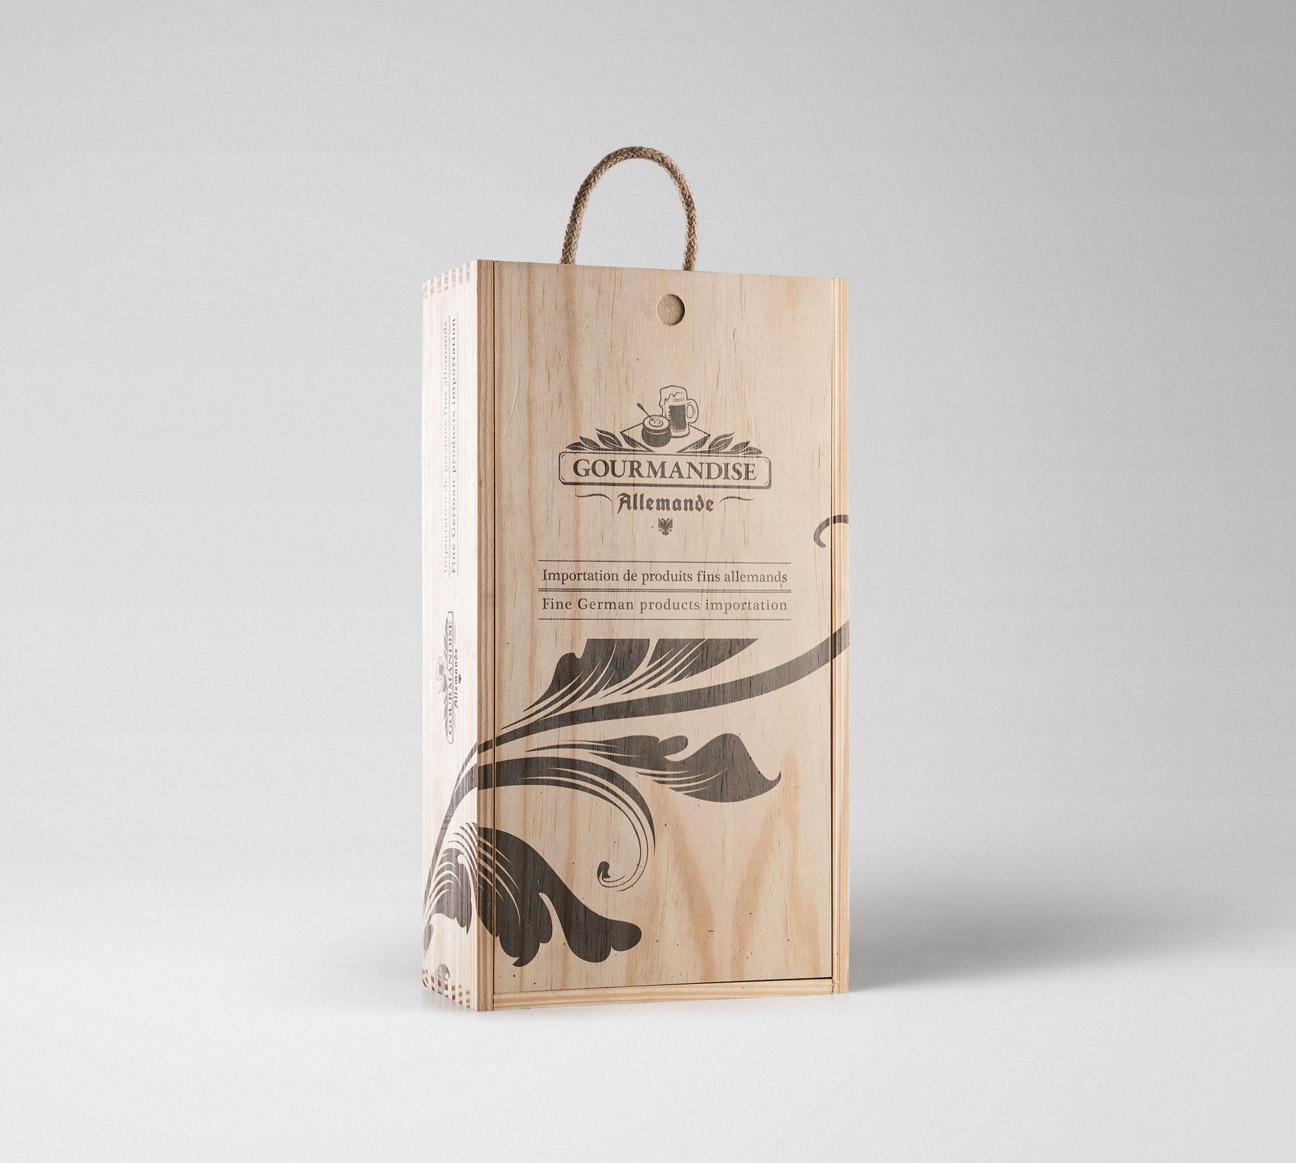 gourmandise-allemande-emballage